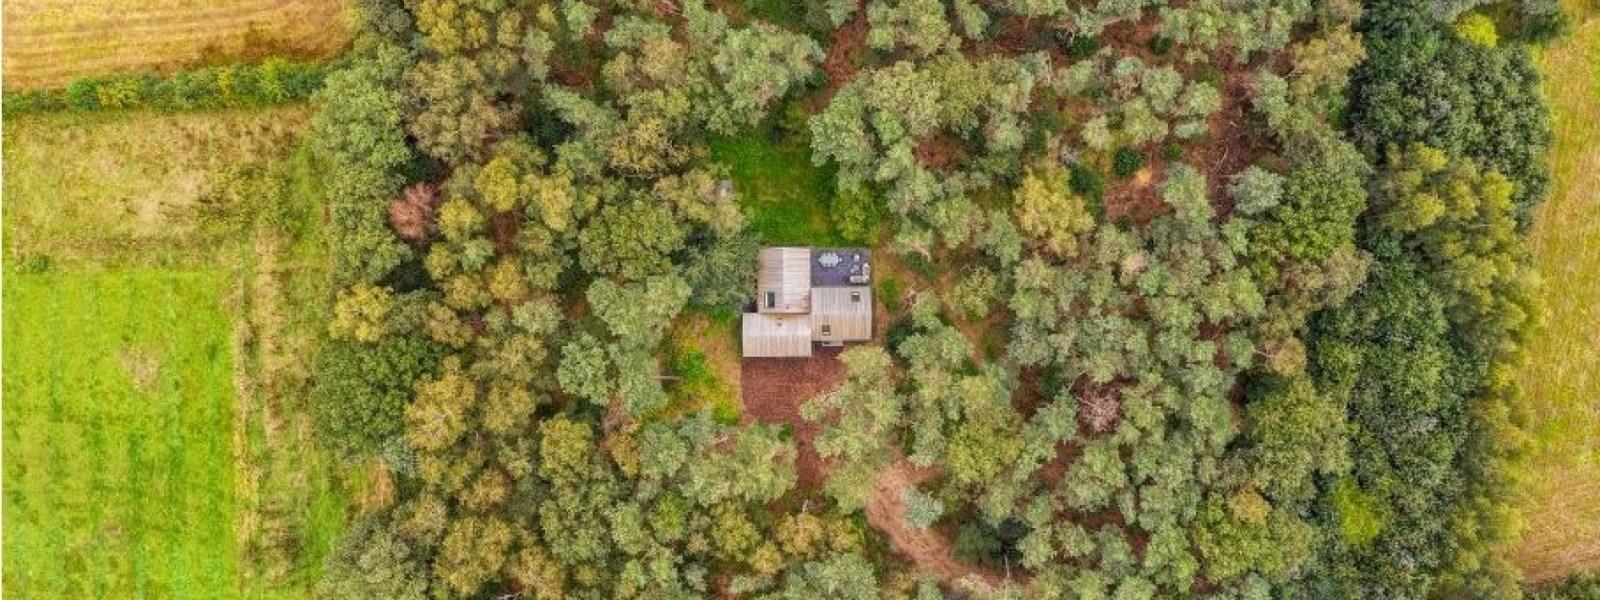 Afgelegen huisje huren Nederland: 15 bijzondere natuurhuisjes